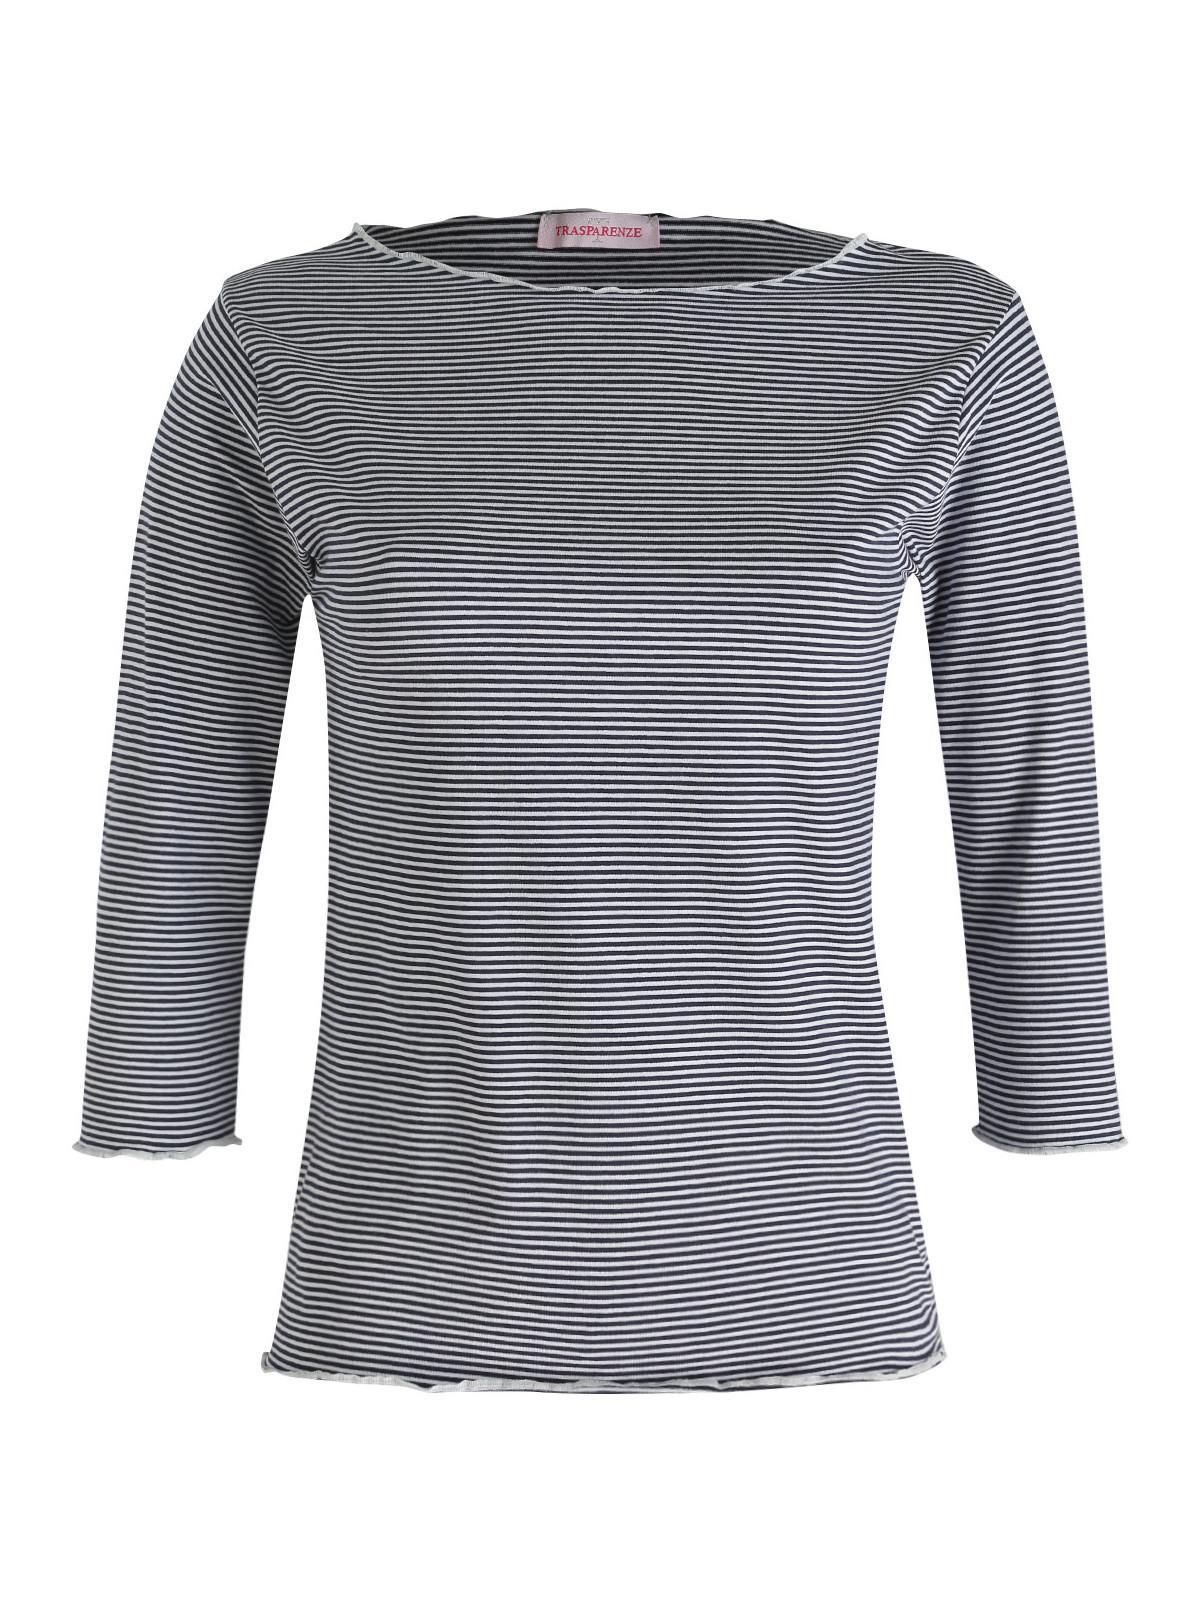 Costretto succo Fragrante  buy > maglietta righe bianche e nere, Up to 61% OFF